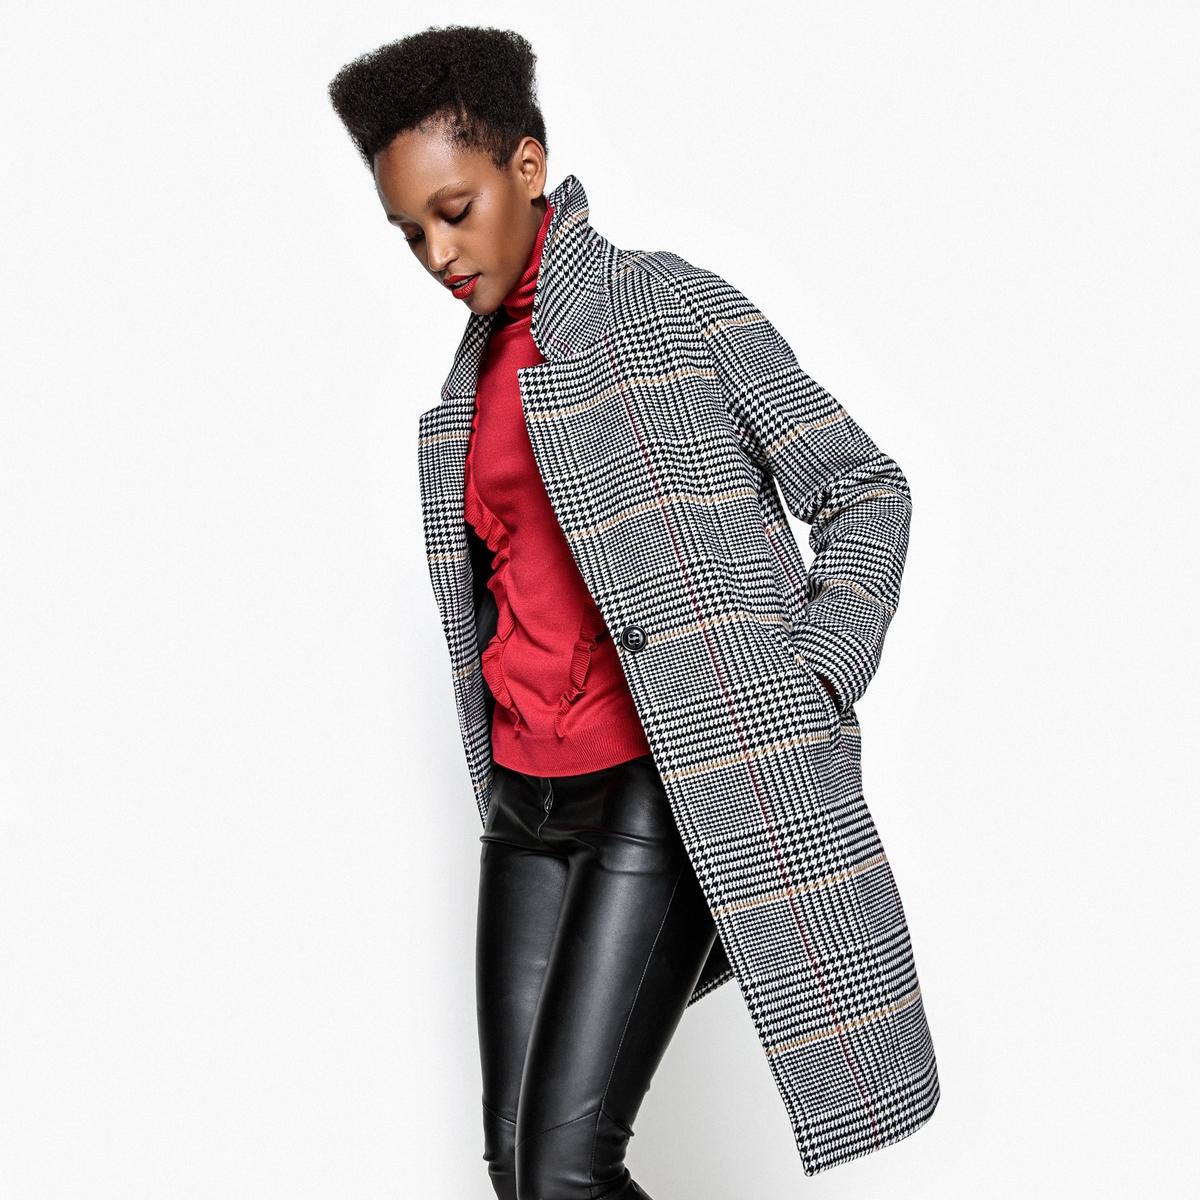 Пальто в клеткуОписаниеСтильное пальто овальной формы, в котором холода вам ни по чем. Застежка на 1 пуговицу . Рукава реглан. Полностью на подкладке.Детали •  Длина : длинная •  Воротник-поло, рубашечный •  Рисунок в клетку • Застежка на пуговицыСостав и уход •  52% полиэстера, 27% акрила, 15% шерсти, 4% полиамида, 2% вискозы •  Подкладка : 100% полиэстер • Не стирать Деликатная сухая чистка / не отбеливать •  Не использовать барабанную сушку   •  Низкая температура глажки  •  Длина : 99 см<br><br>Цвет: В клетку/фон экрю<br>Размер: 34 (FR) - 40 (RUS).52 (FR) - 58 (RUS).50 (FR) - 56 (RUS).48 (FR) - 54 (RUS).46 (FR) - 52 (RUS).44 (FR) - 50 (RUS).42 (FR) - 48 (RUS).40 (FR) - 46 (RUS).38 (FR) - 44 (RUS).36 (FR) - 42 (RUS)